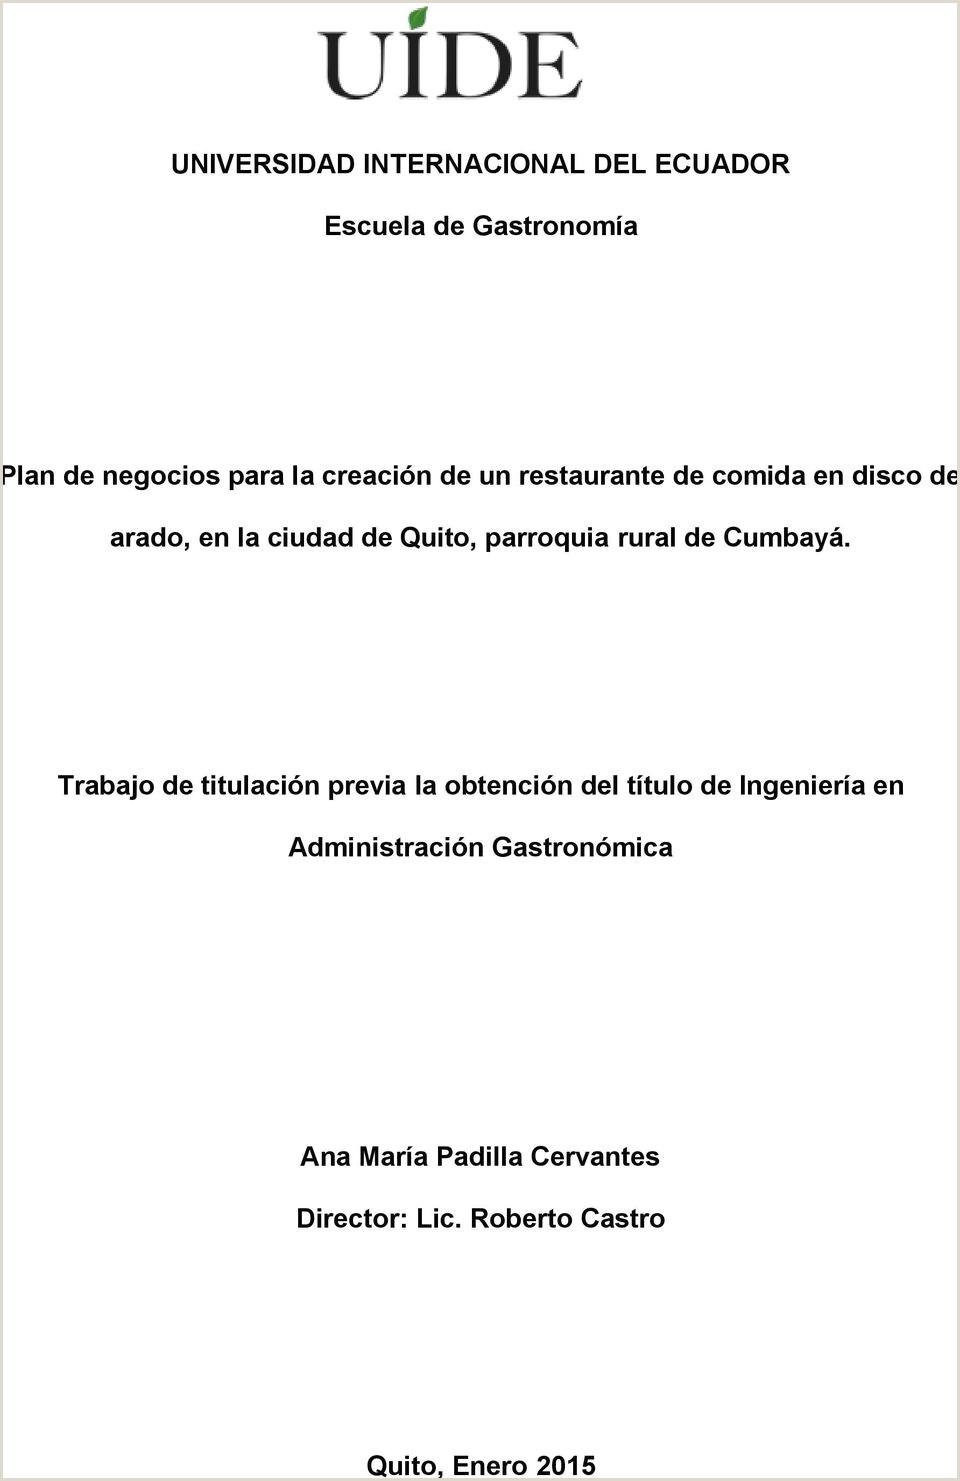 Formato Unico Hoja De Vida Persona Juridica Funcion Publica Word Universidad Internacional Del Ecuador Escuela De